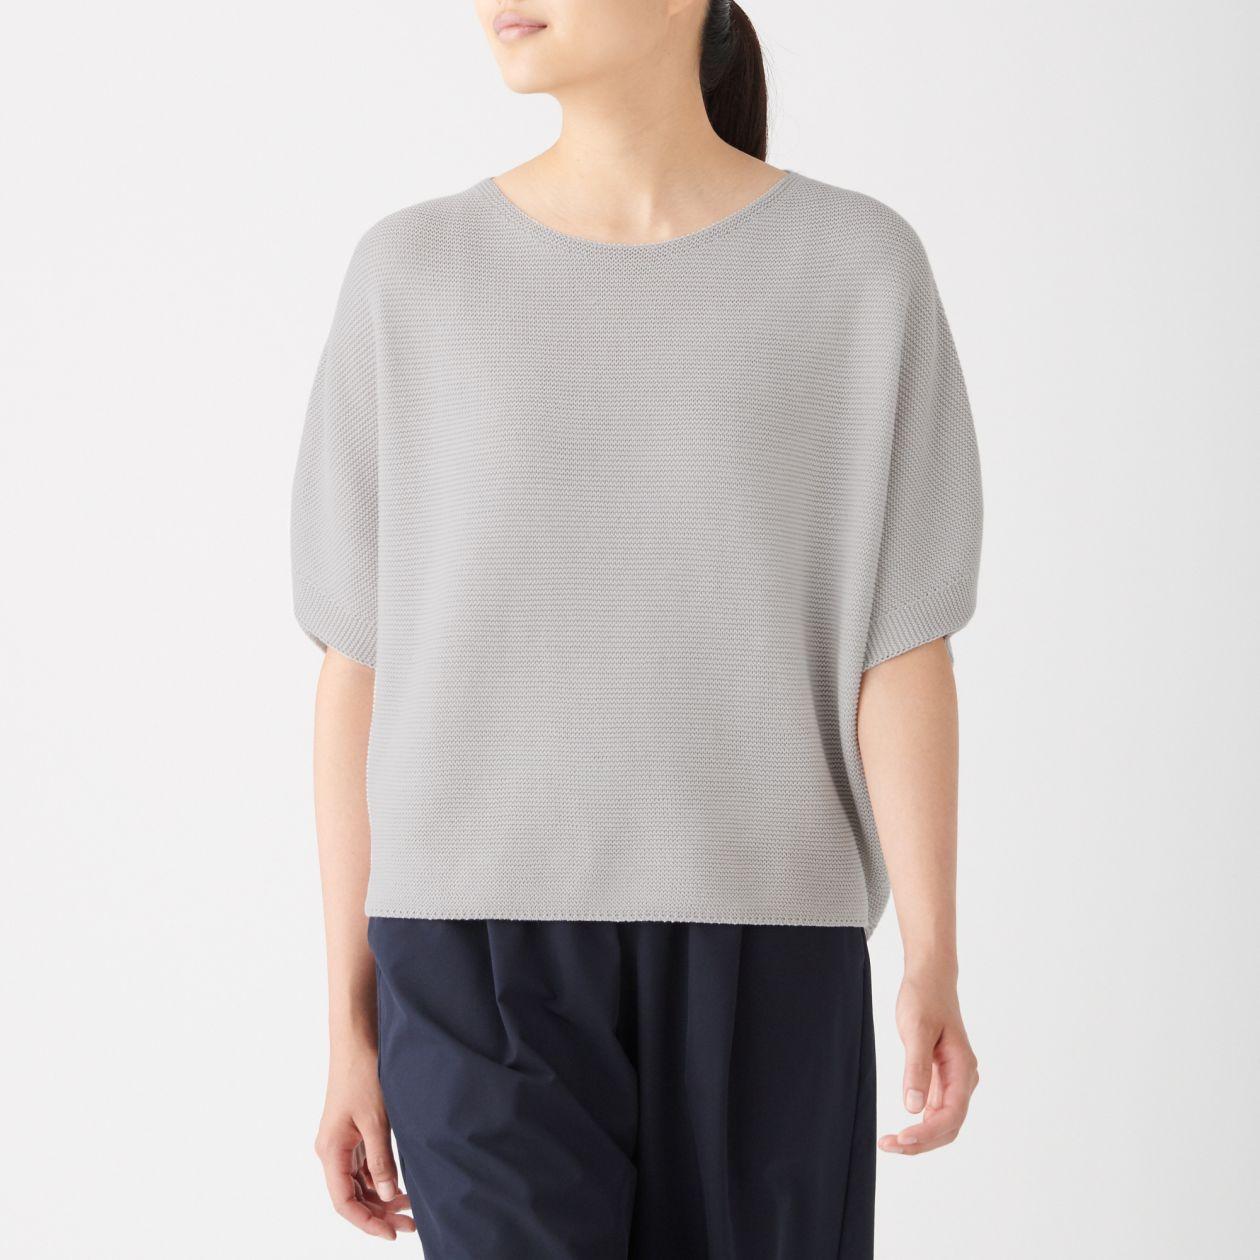 [무인양품] 이음매 없는 뜨개질 와이드 스웨터 ONE SIZE・라이트 실버 그레이 MUJI 일본 공식스토어